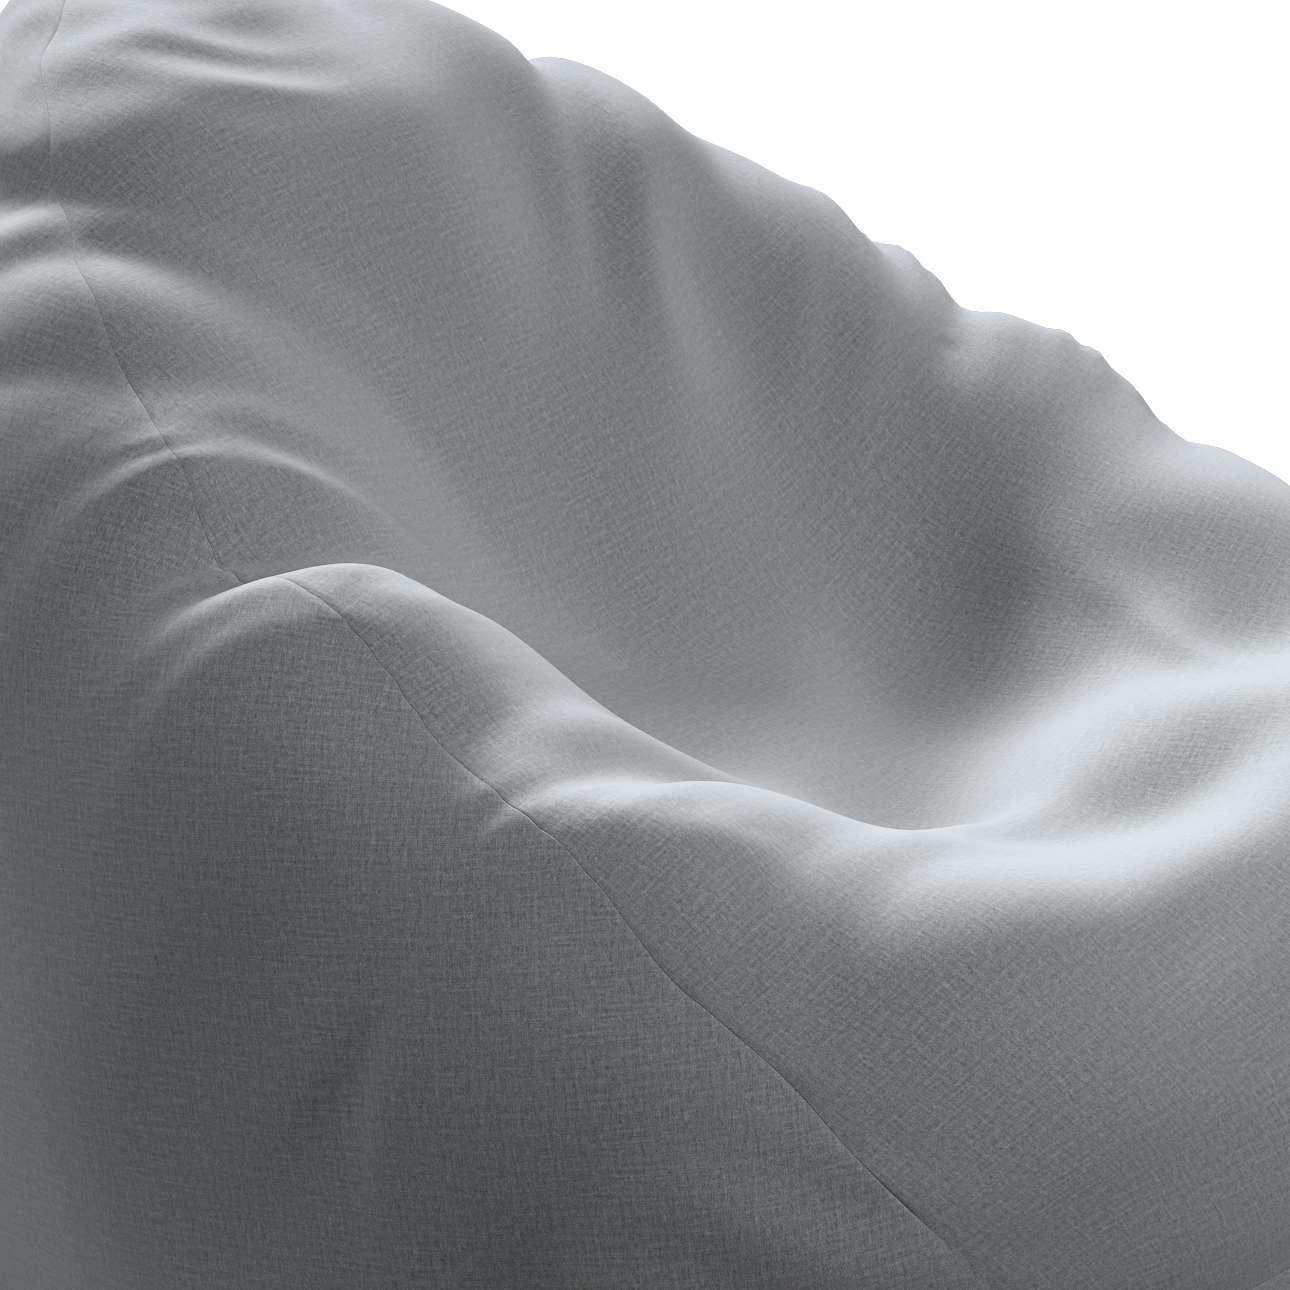 Pokrowiec na worek do siedzenia w kolekcji Ingrid, tkanina: 705-42